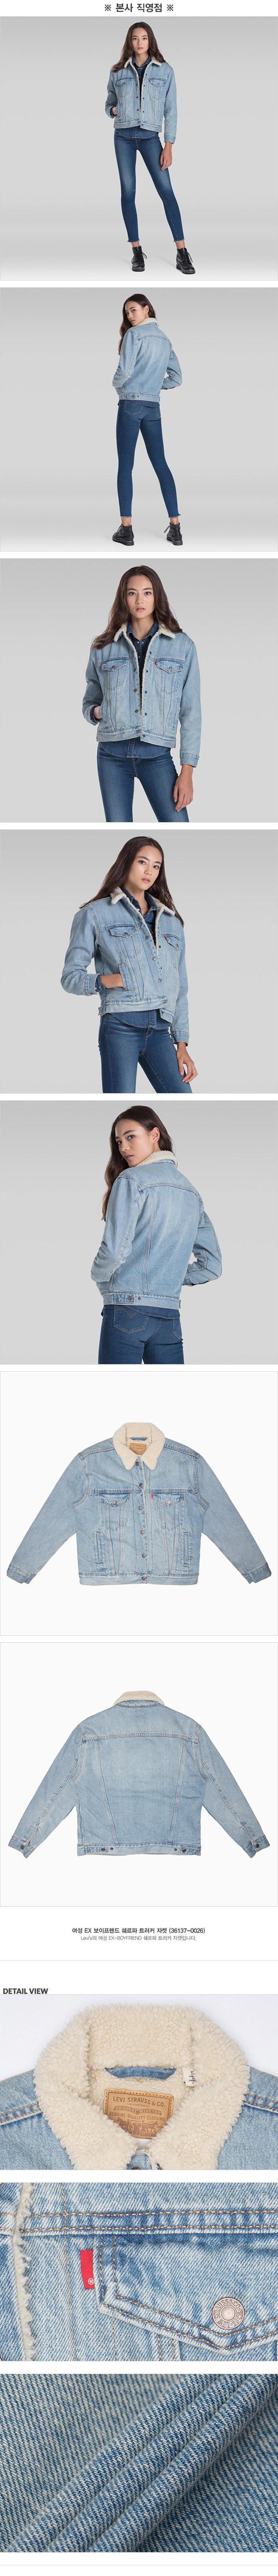 리바이스(LEVI'S) 여성 EX 보이프렌드 쉐르파 트러커 자켓_36137-0026